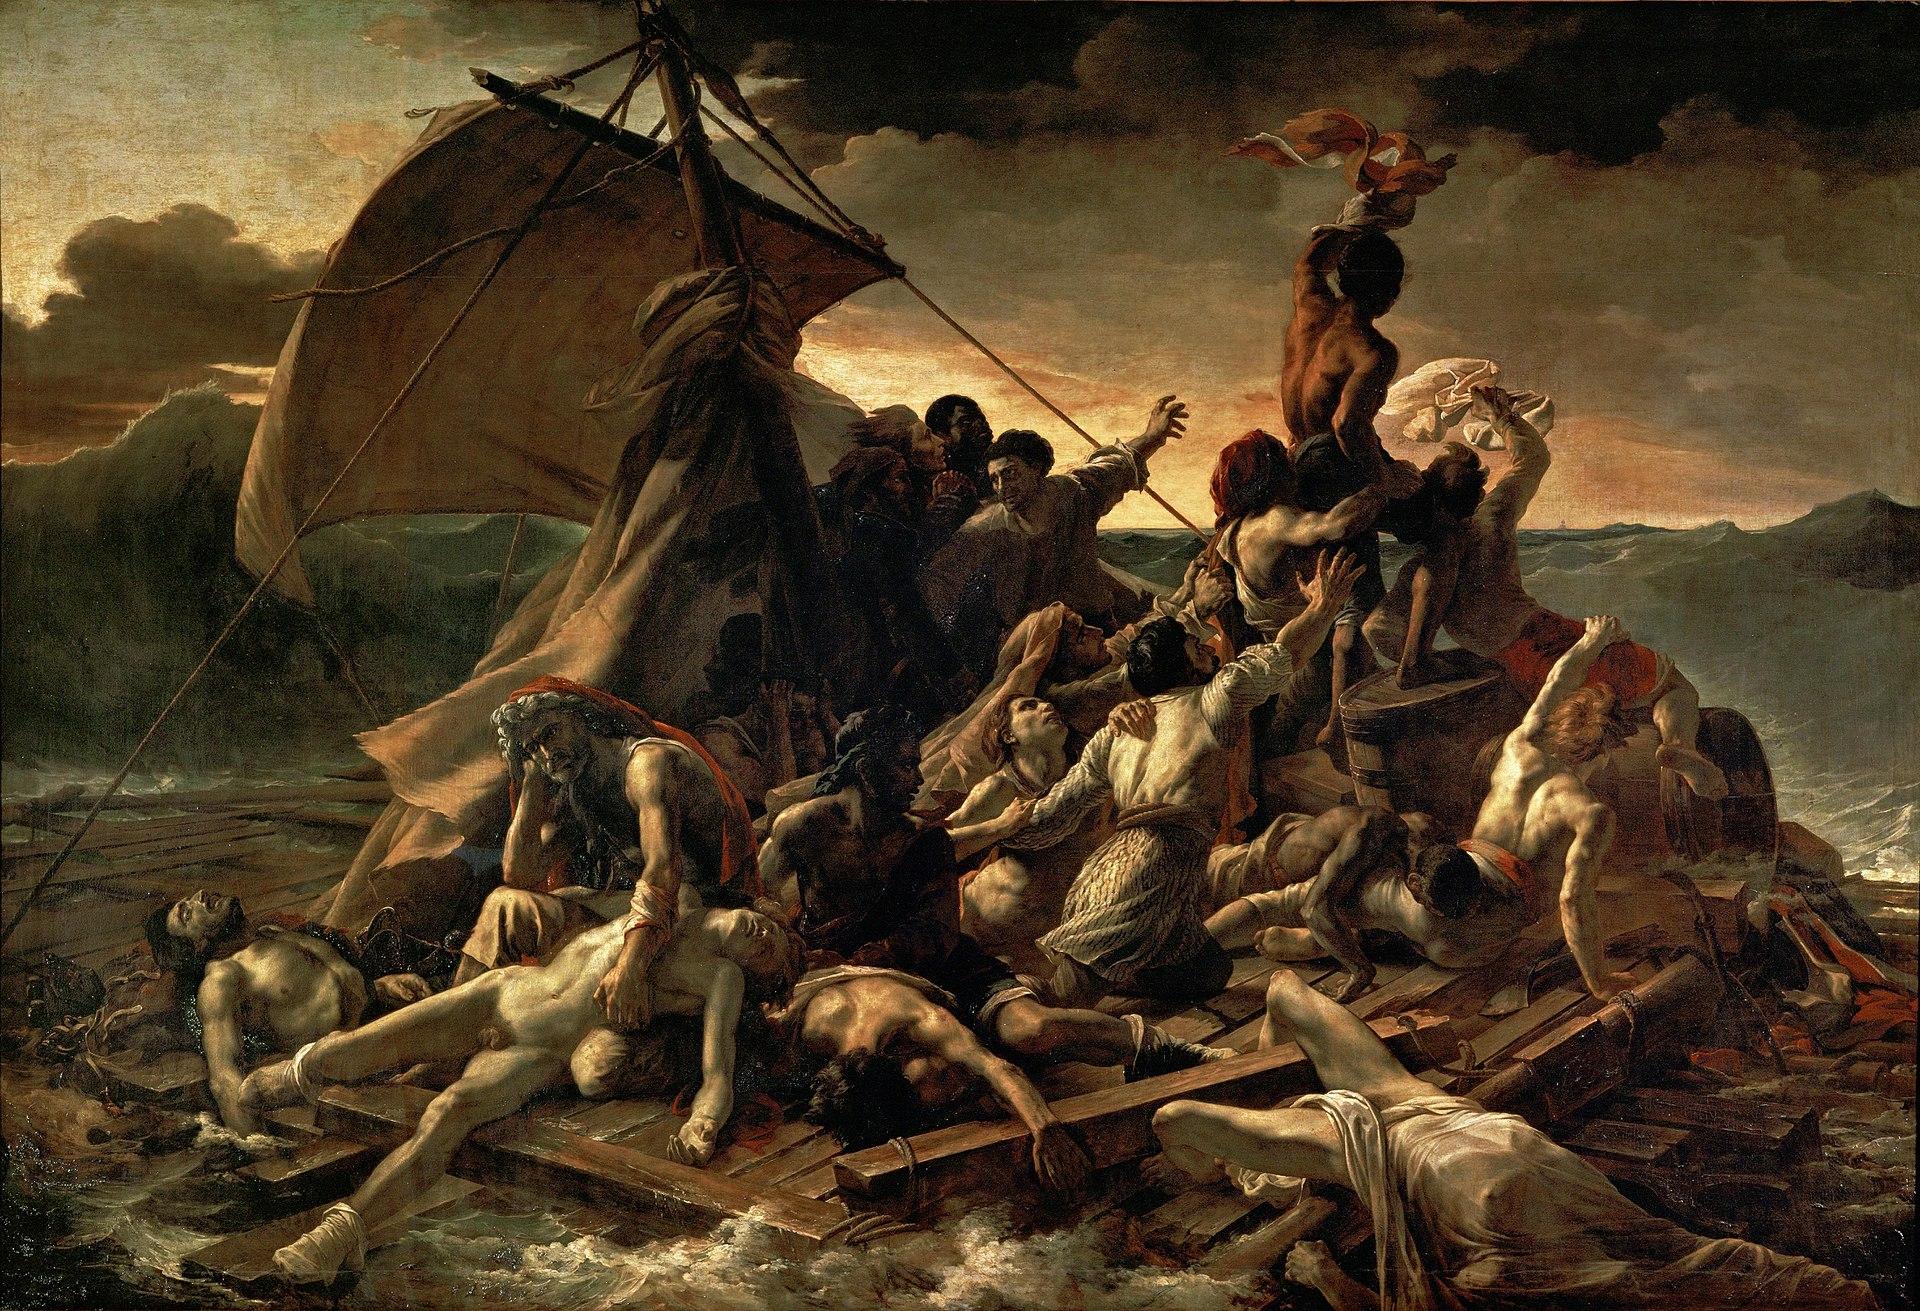 1920px-JEAN_LOUIS_THÉODORE_GÉRICAULT_-_La_Balsa_de_la_Medusa_(Museo_del_Louvre,_1818-19)